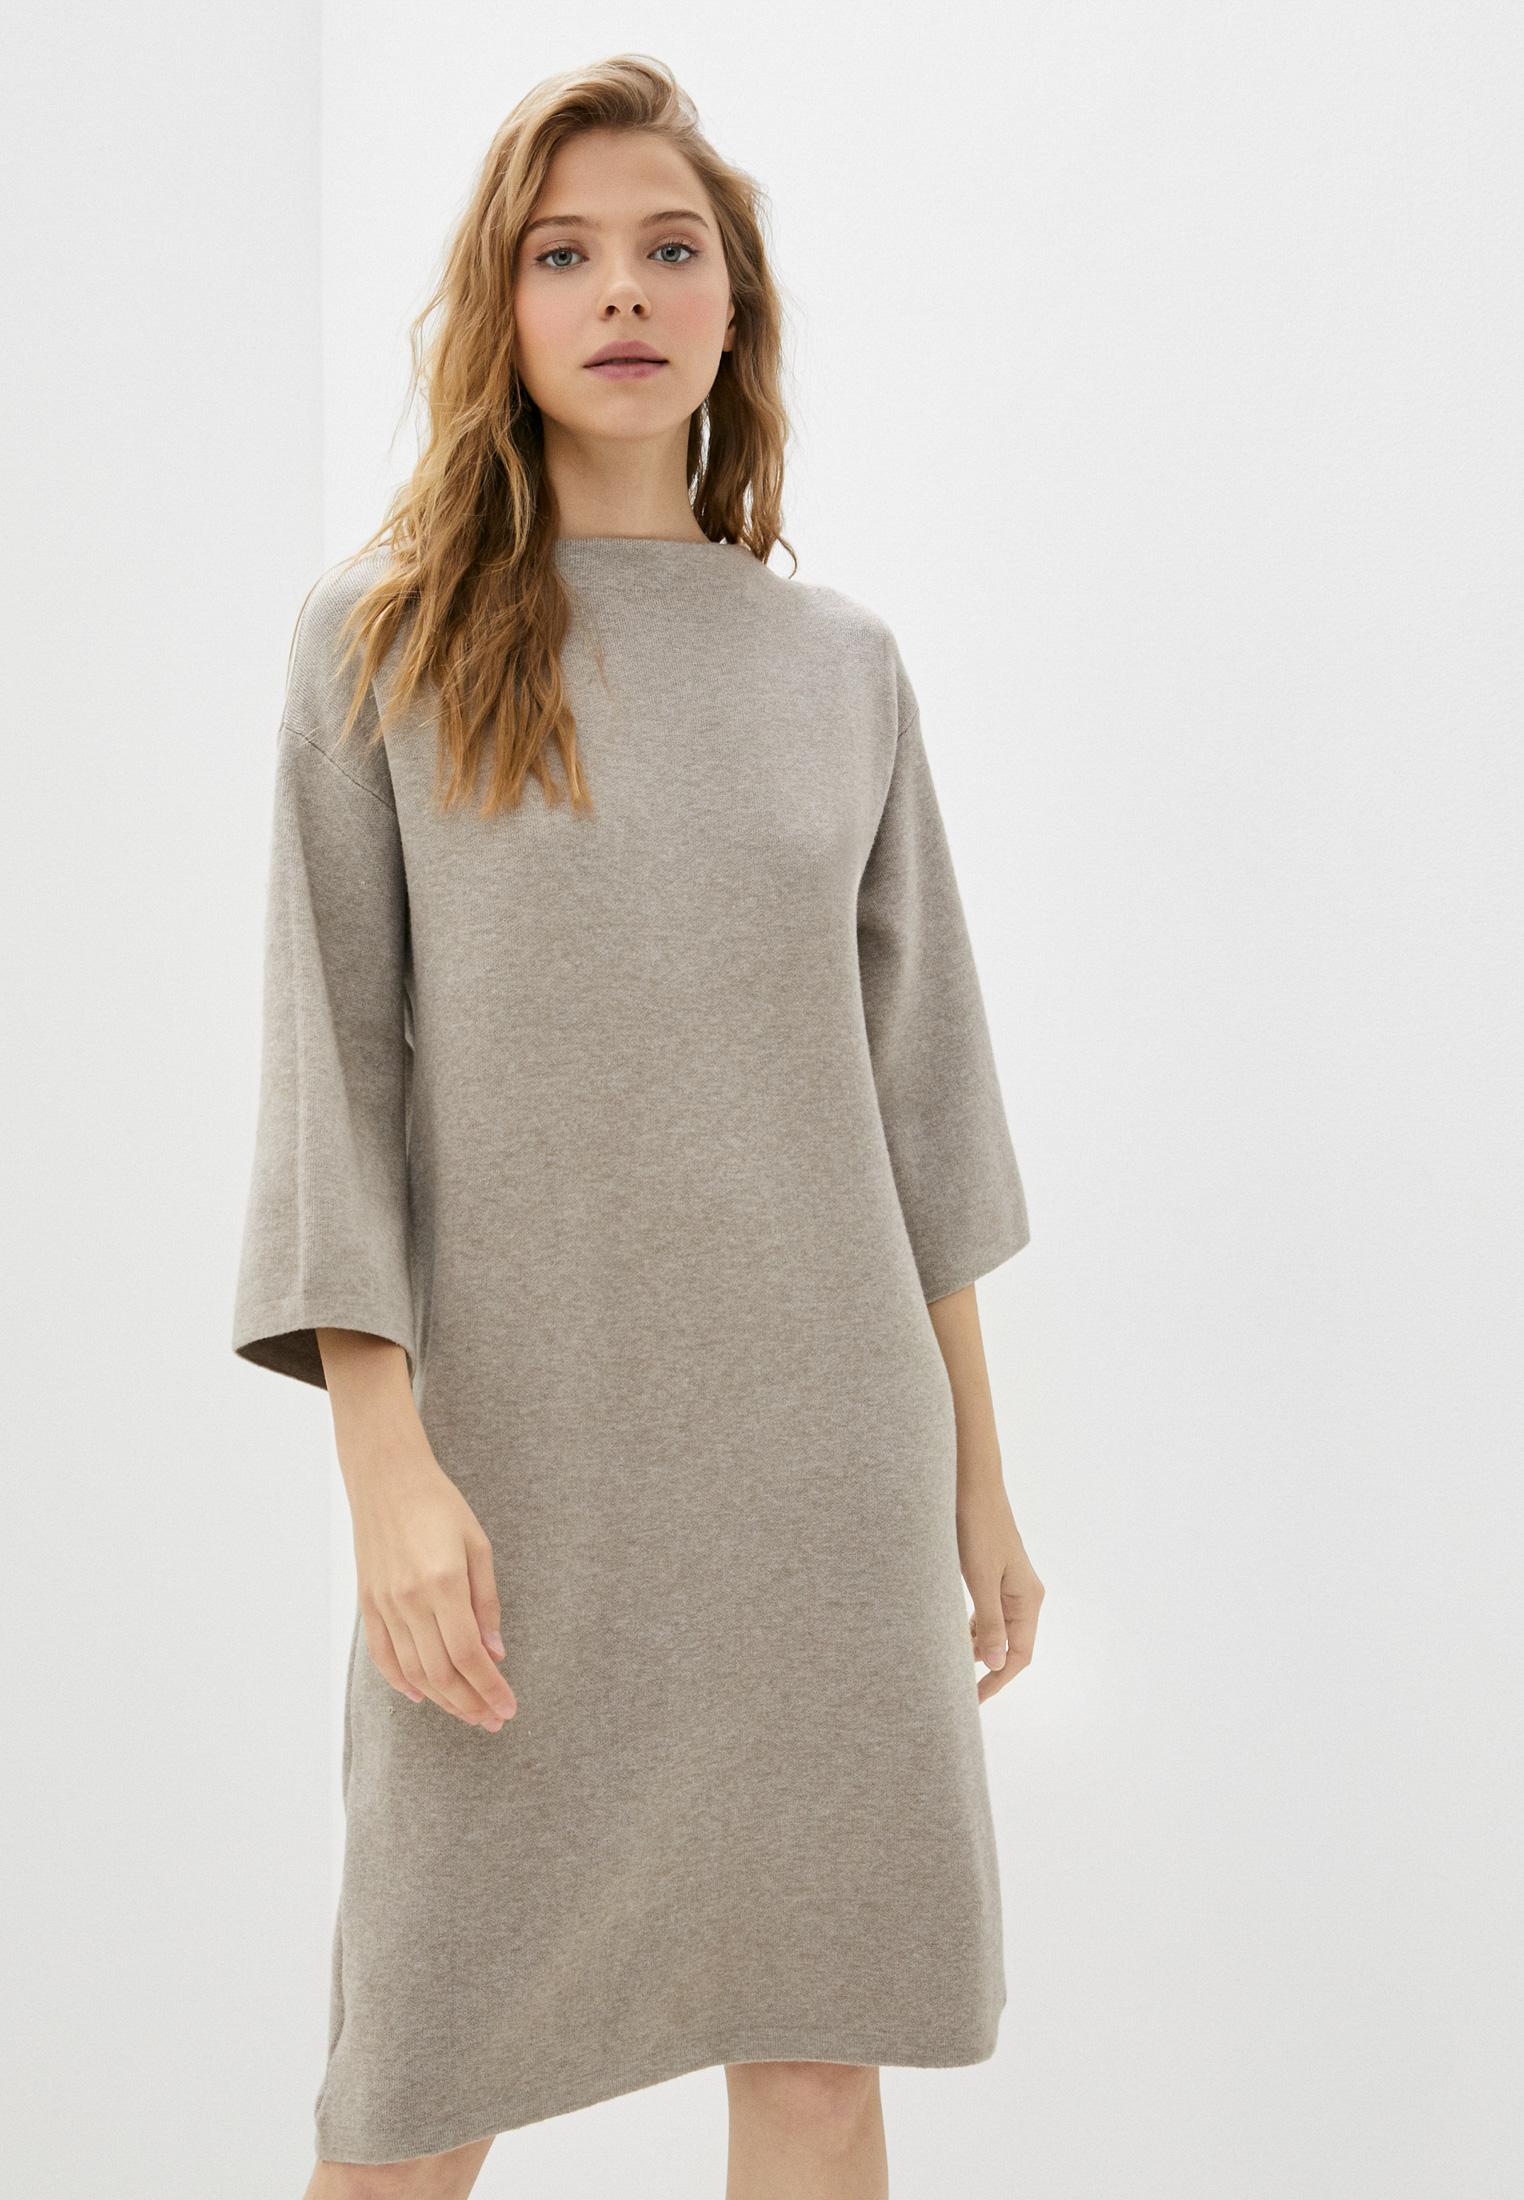 Вязаное платье Diverius d02026